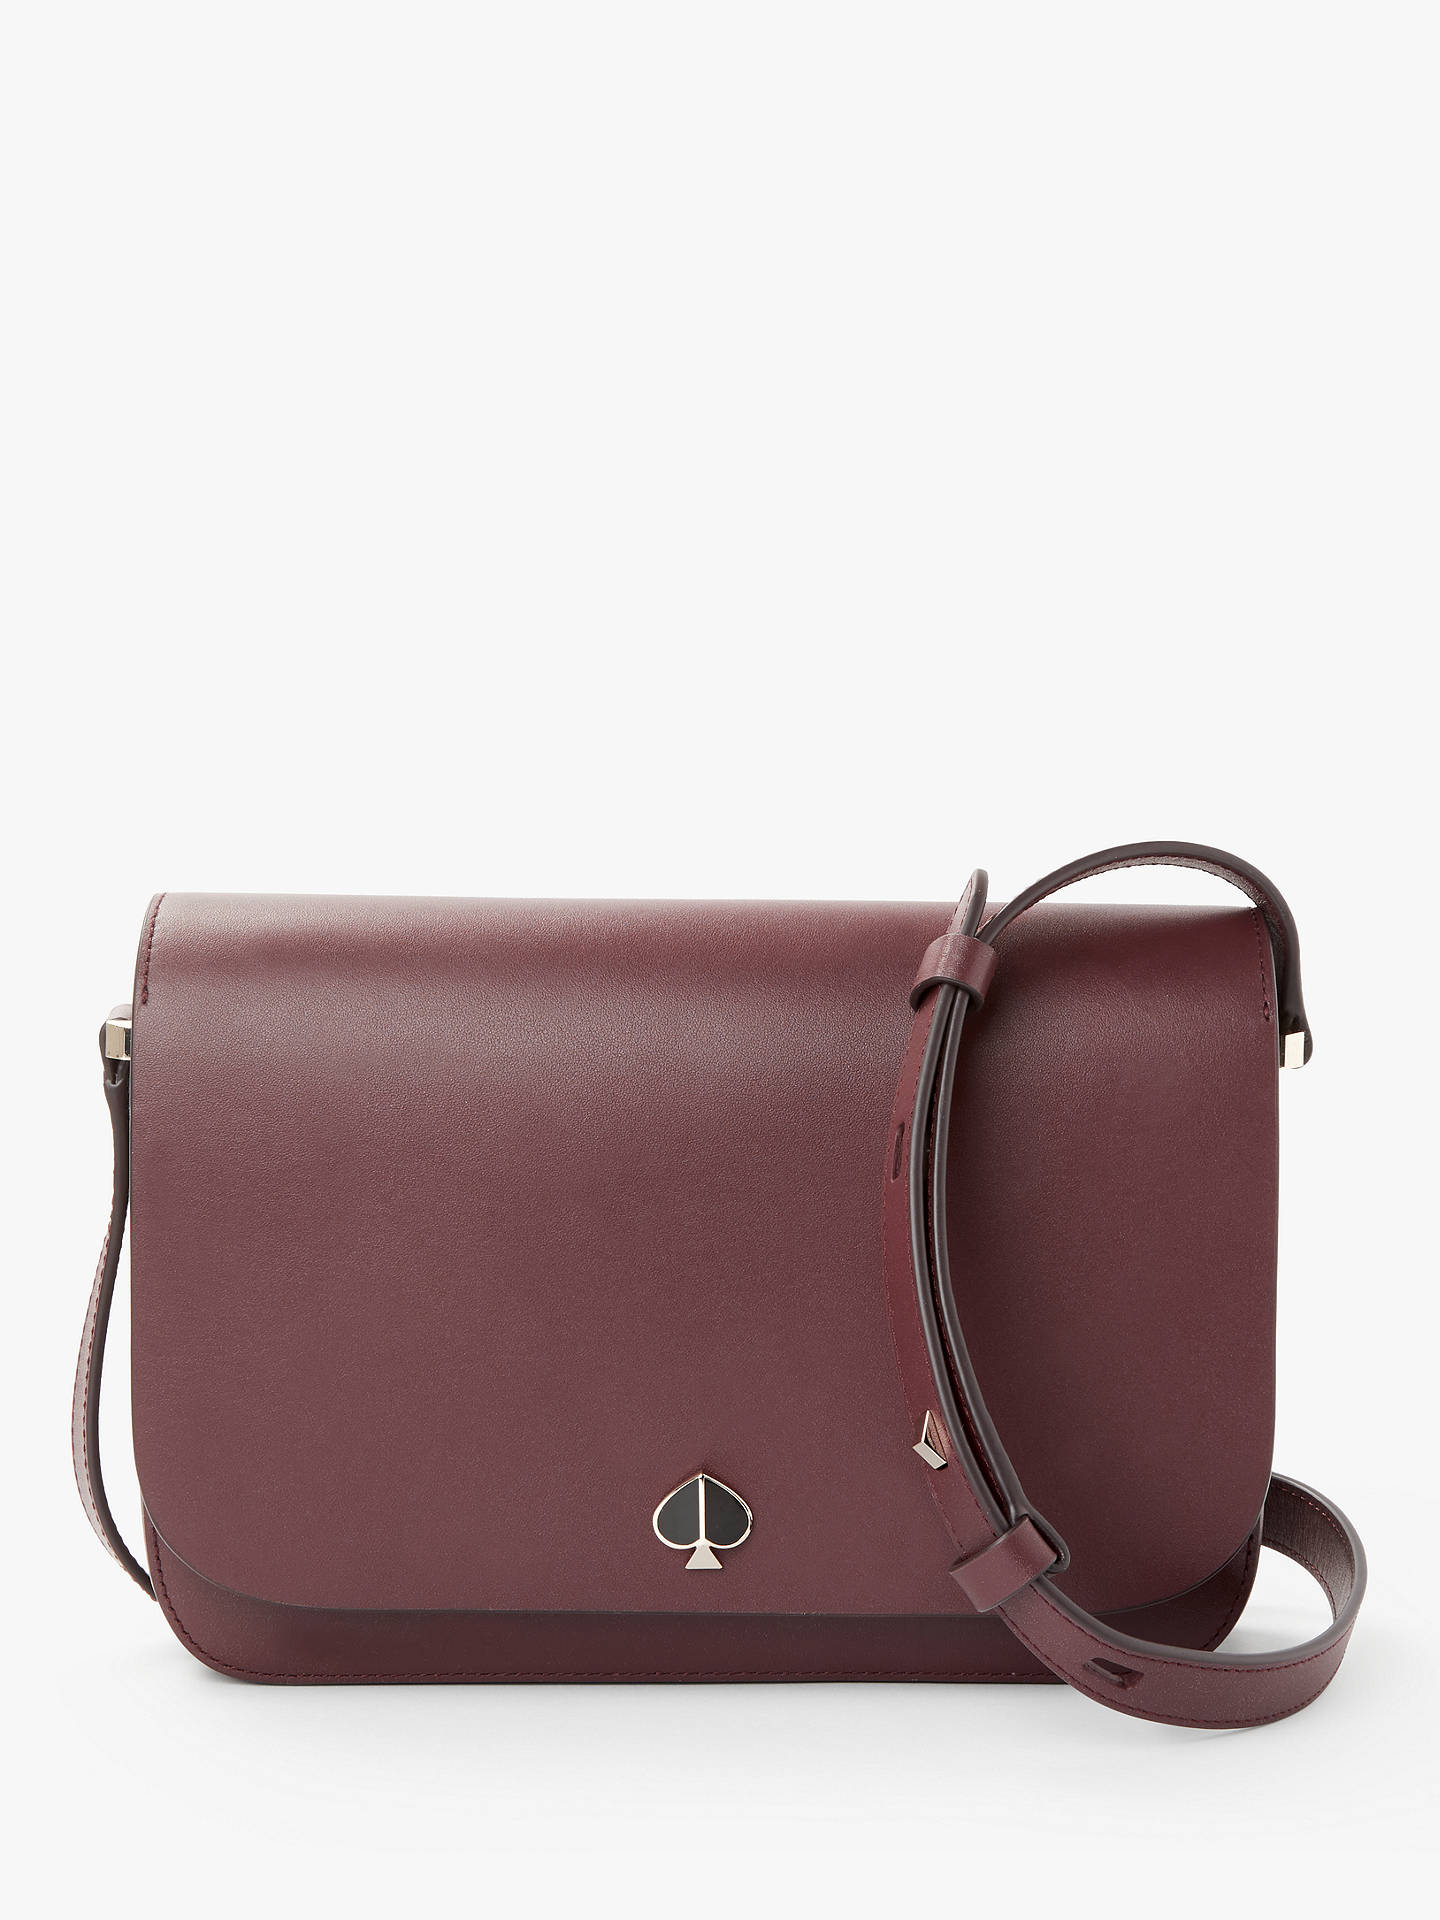 b79b96d833af kate spade new york Nicola Leather Medium Flap Over Shoulder Bag ...